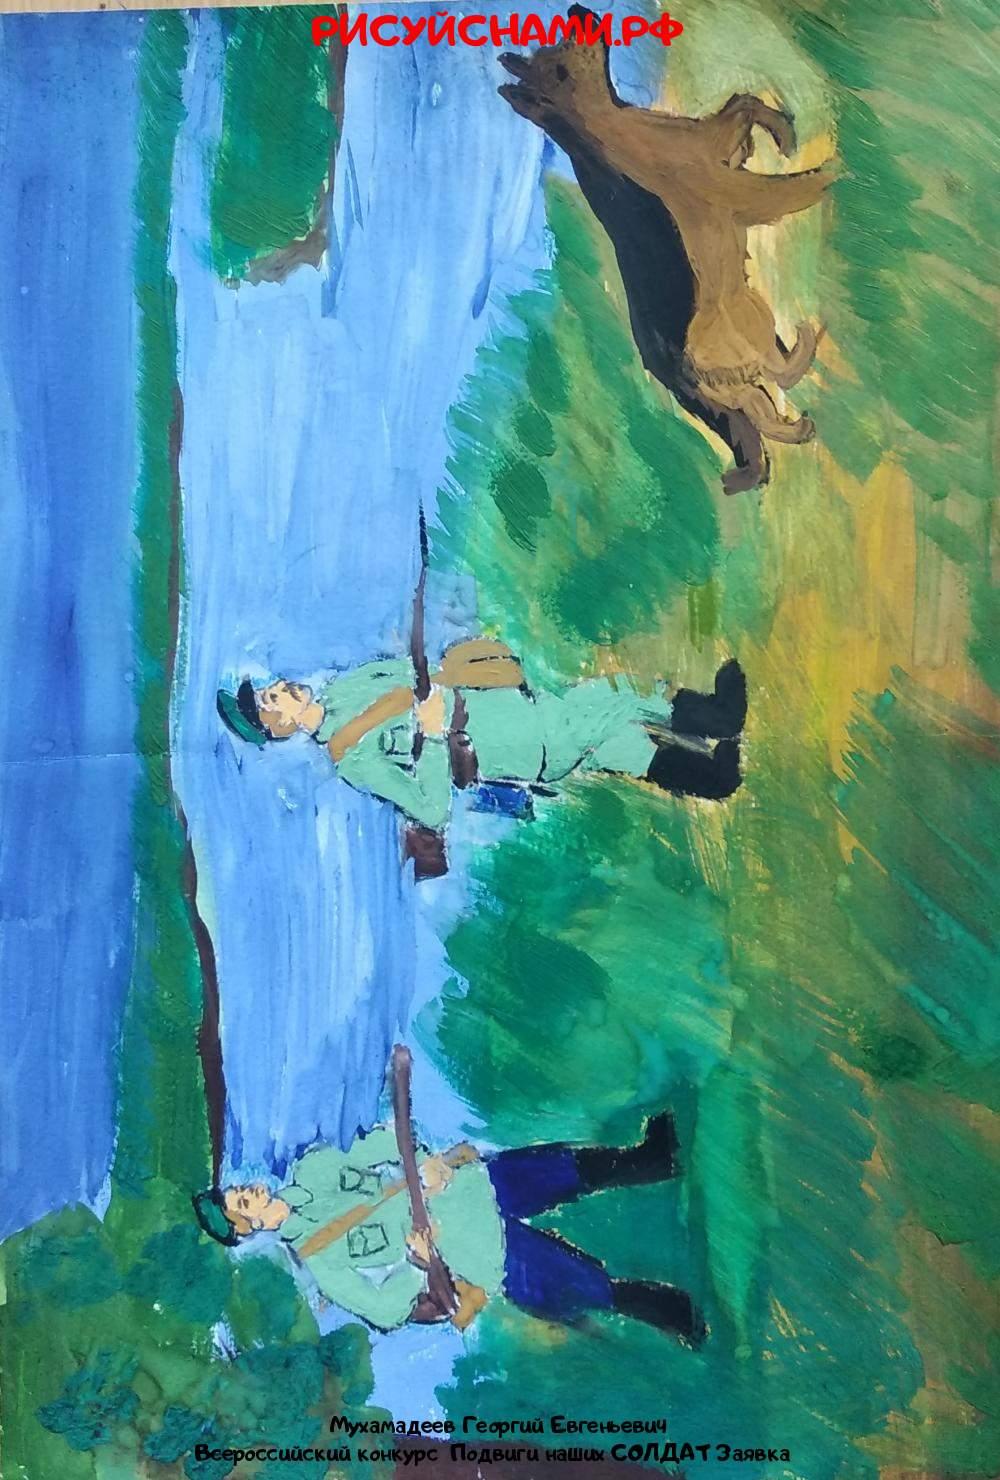 Всероссийский конкурс  Подвиги наших СОЛДАТ Заявка 11411  творческие конкурсы рисунков для школьников и дошкольников рисуй с нами #тмрисуйснами рисунок и поделка - Мухамадеев Георгий Евгеньевич